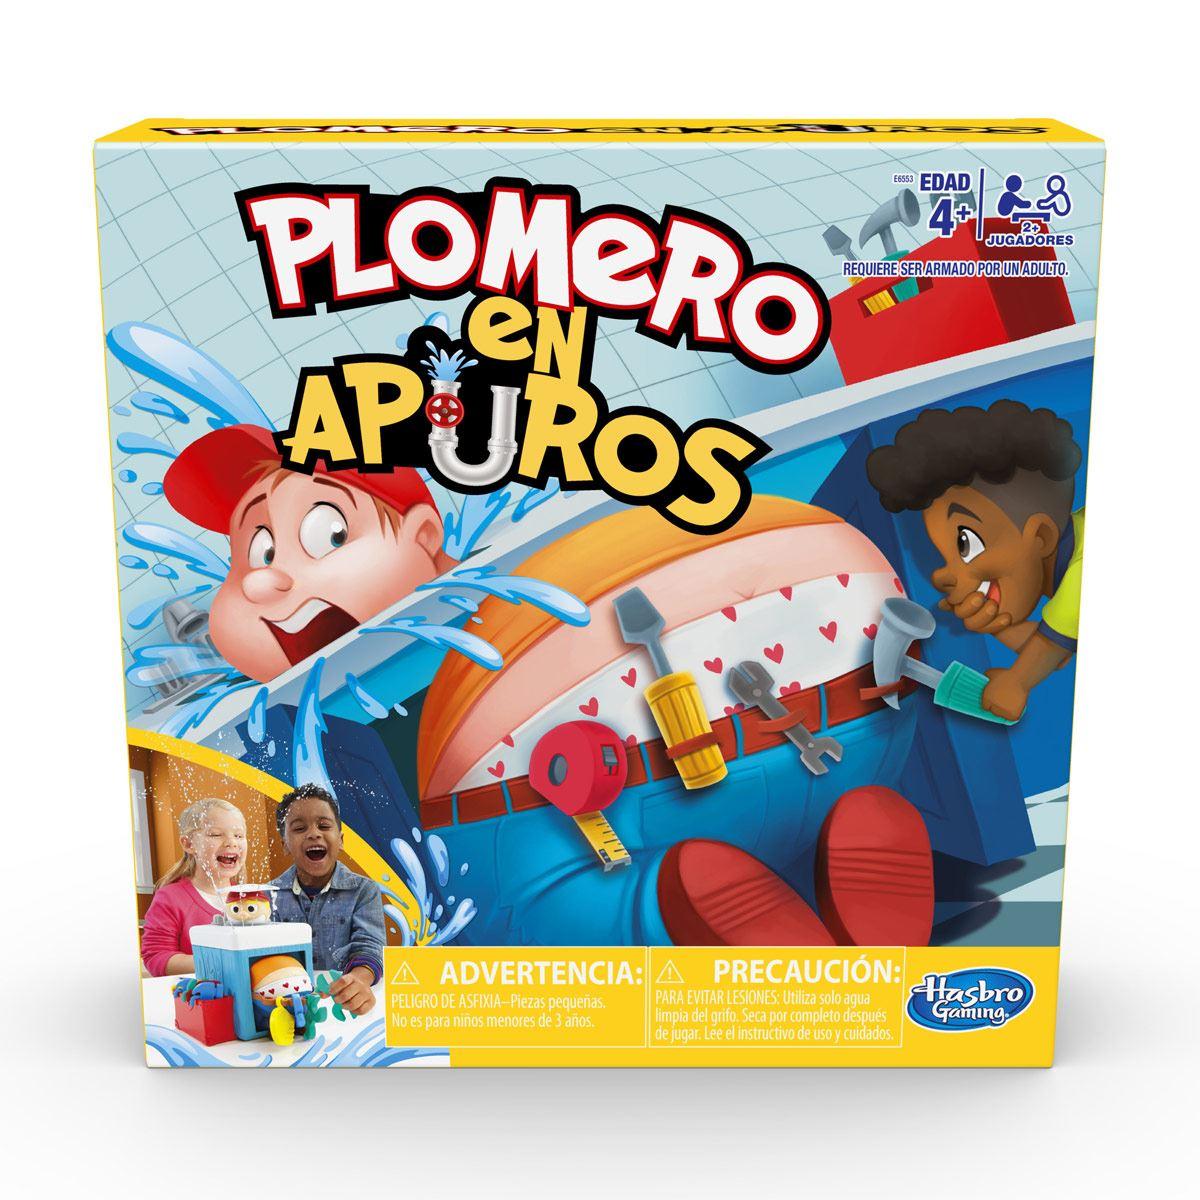 Juego de Mesa Plomero en Apuros Hasbro Gaming